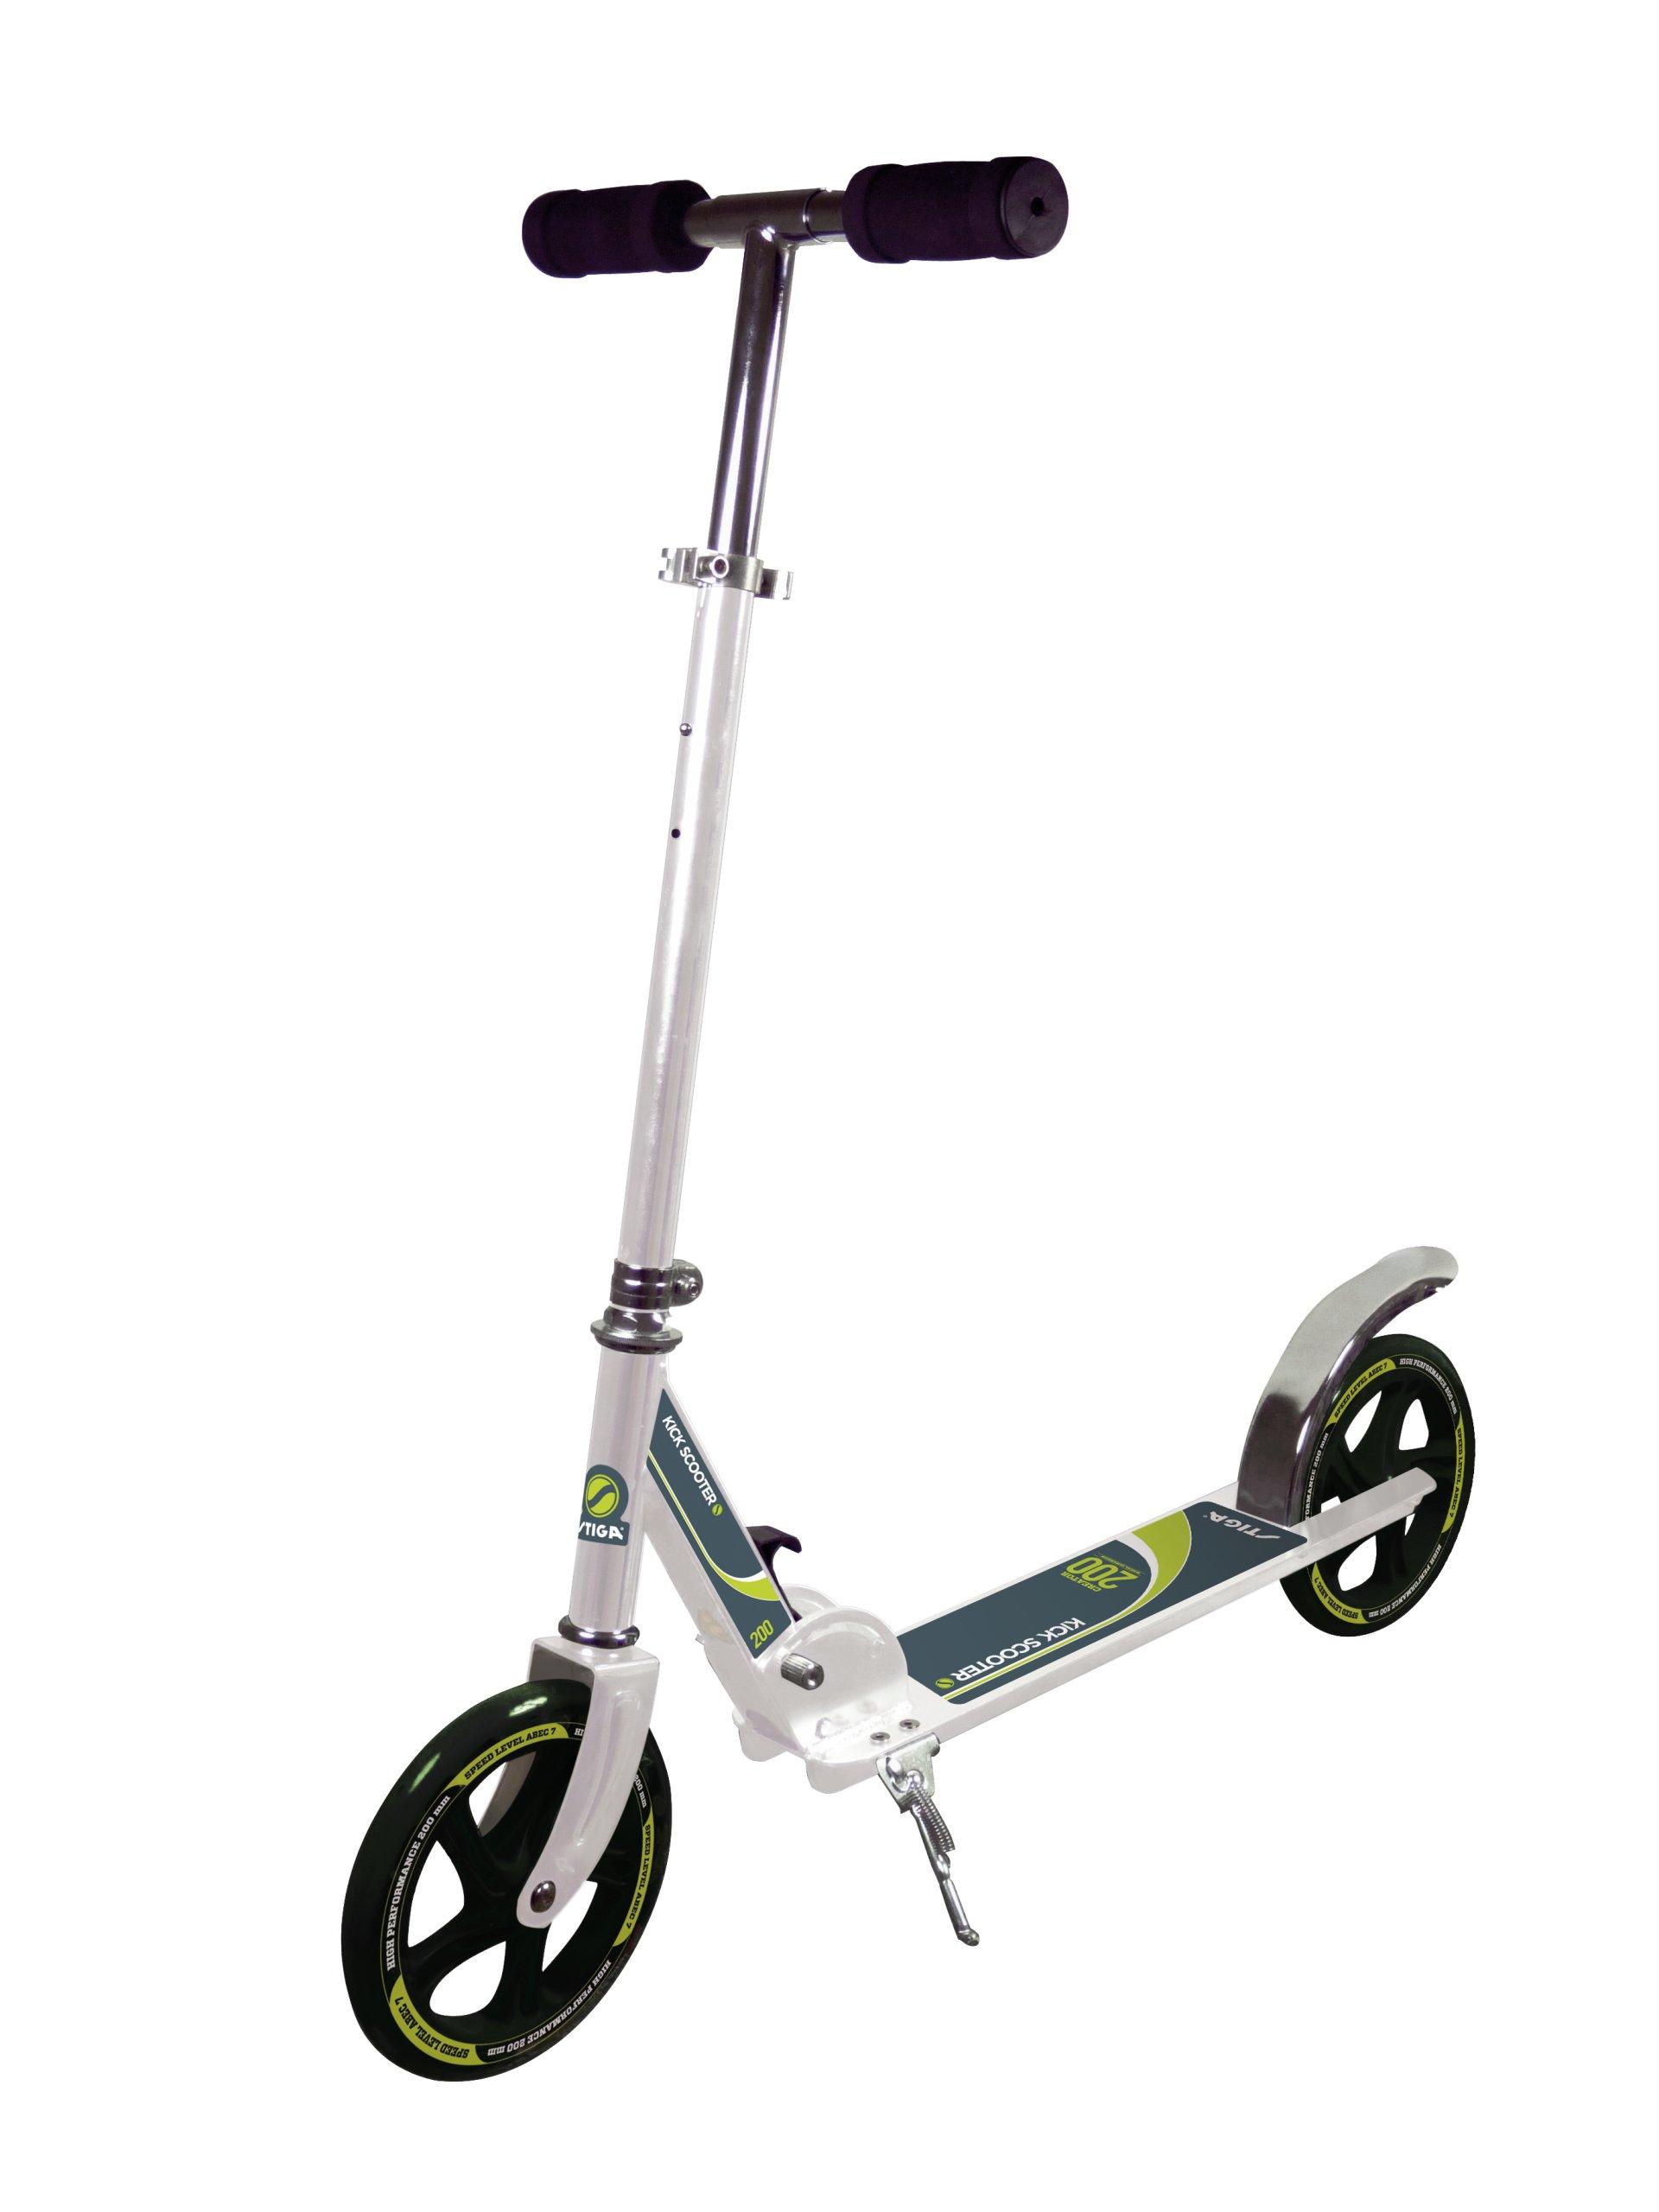 STIGA TVORCA 200 kick scooter - Veľké Kolesá AKCIA!